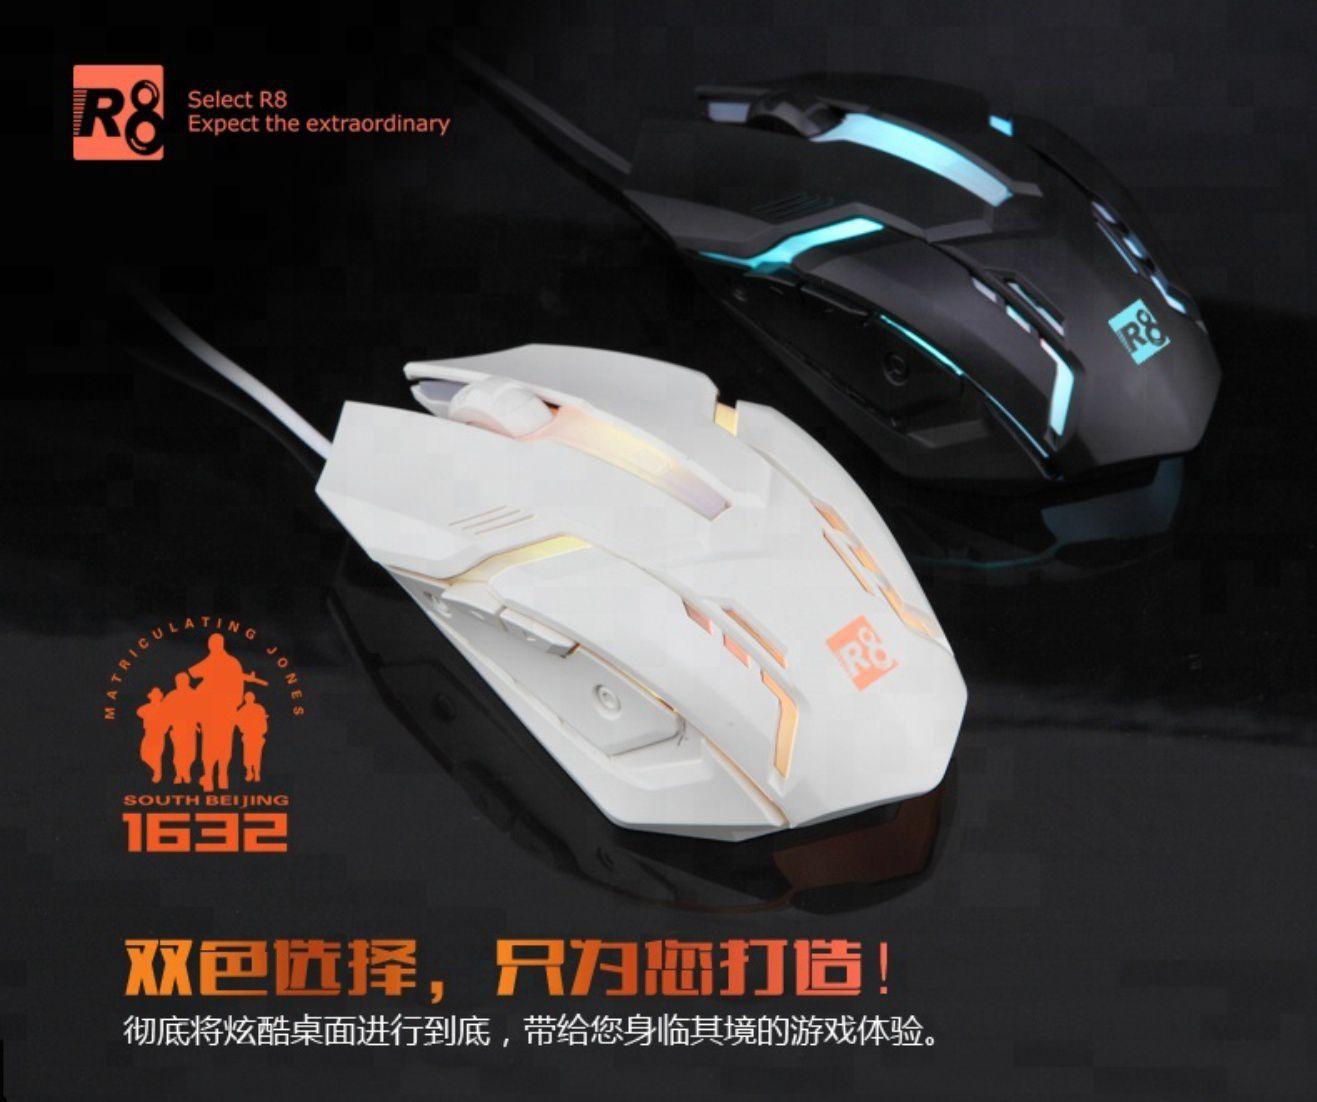 Kit 5x Mouse Gamer LED R8 M1632